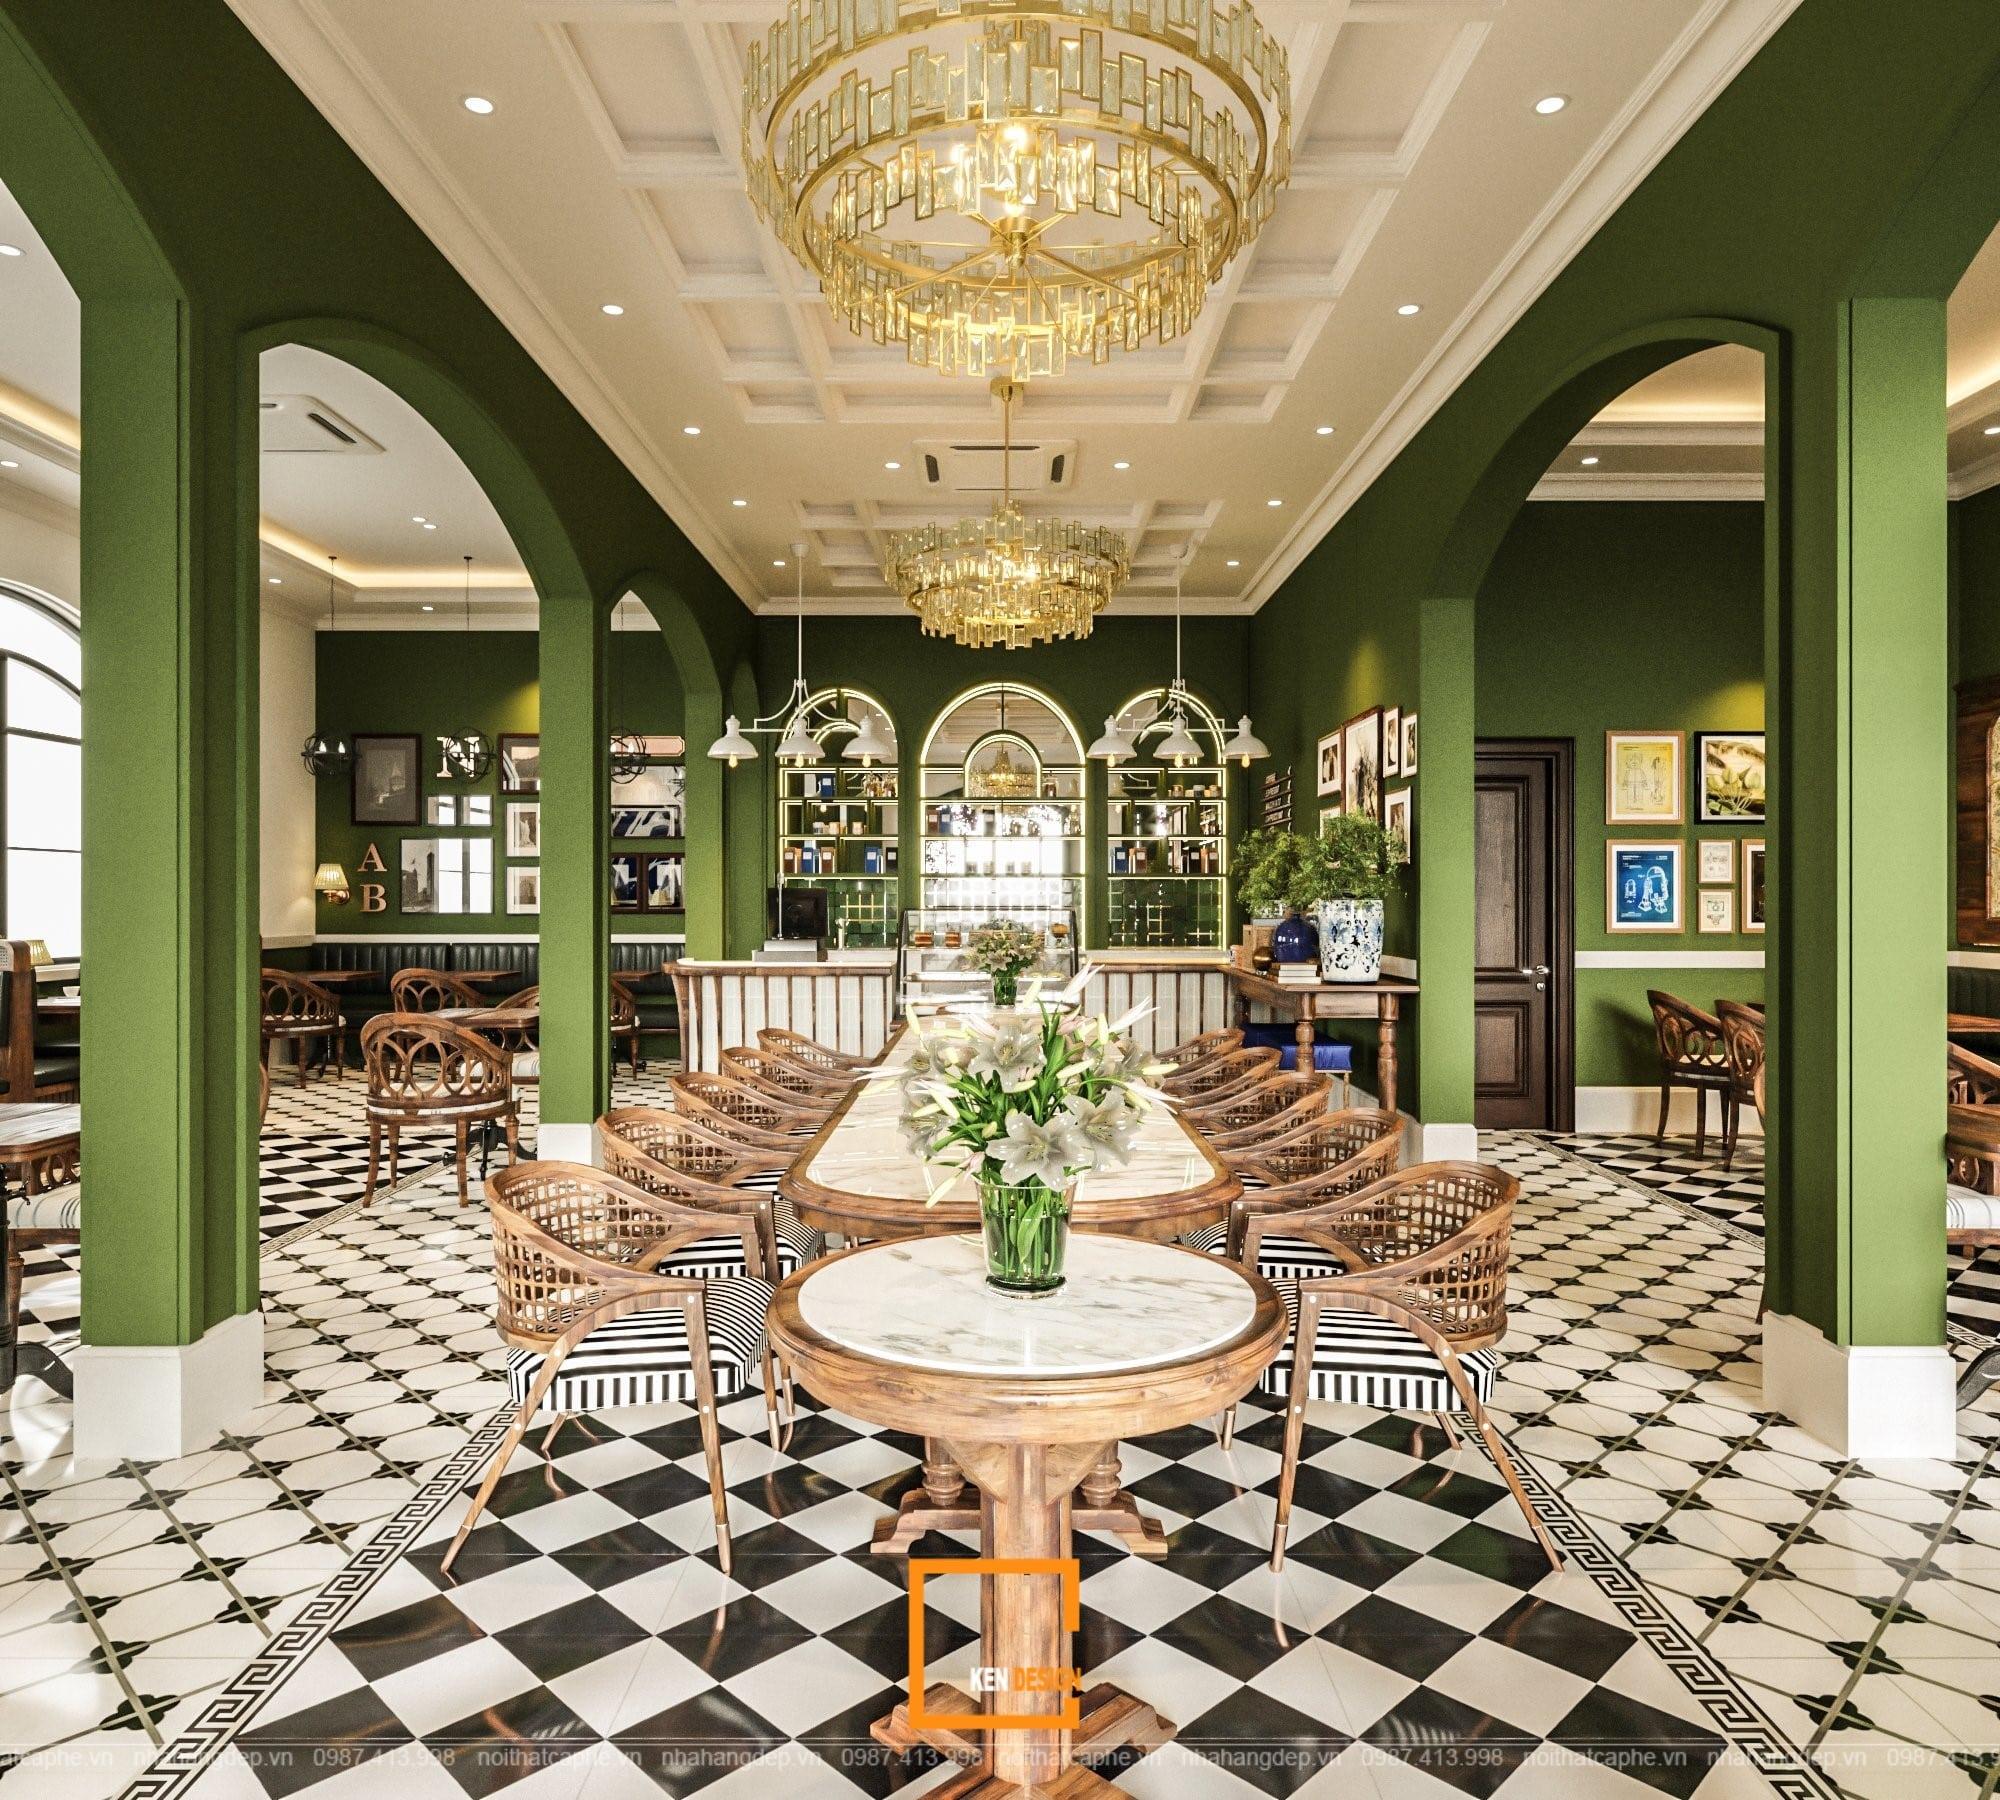 Thiết kế quán cafe tân cổ điển Boutique Coffee